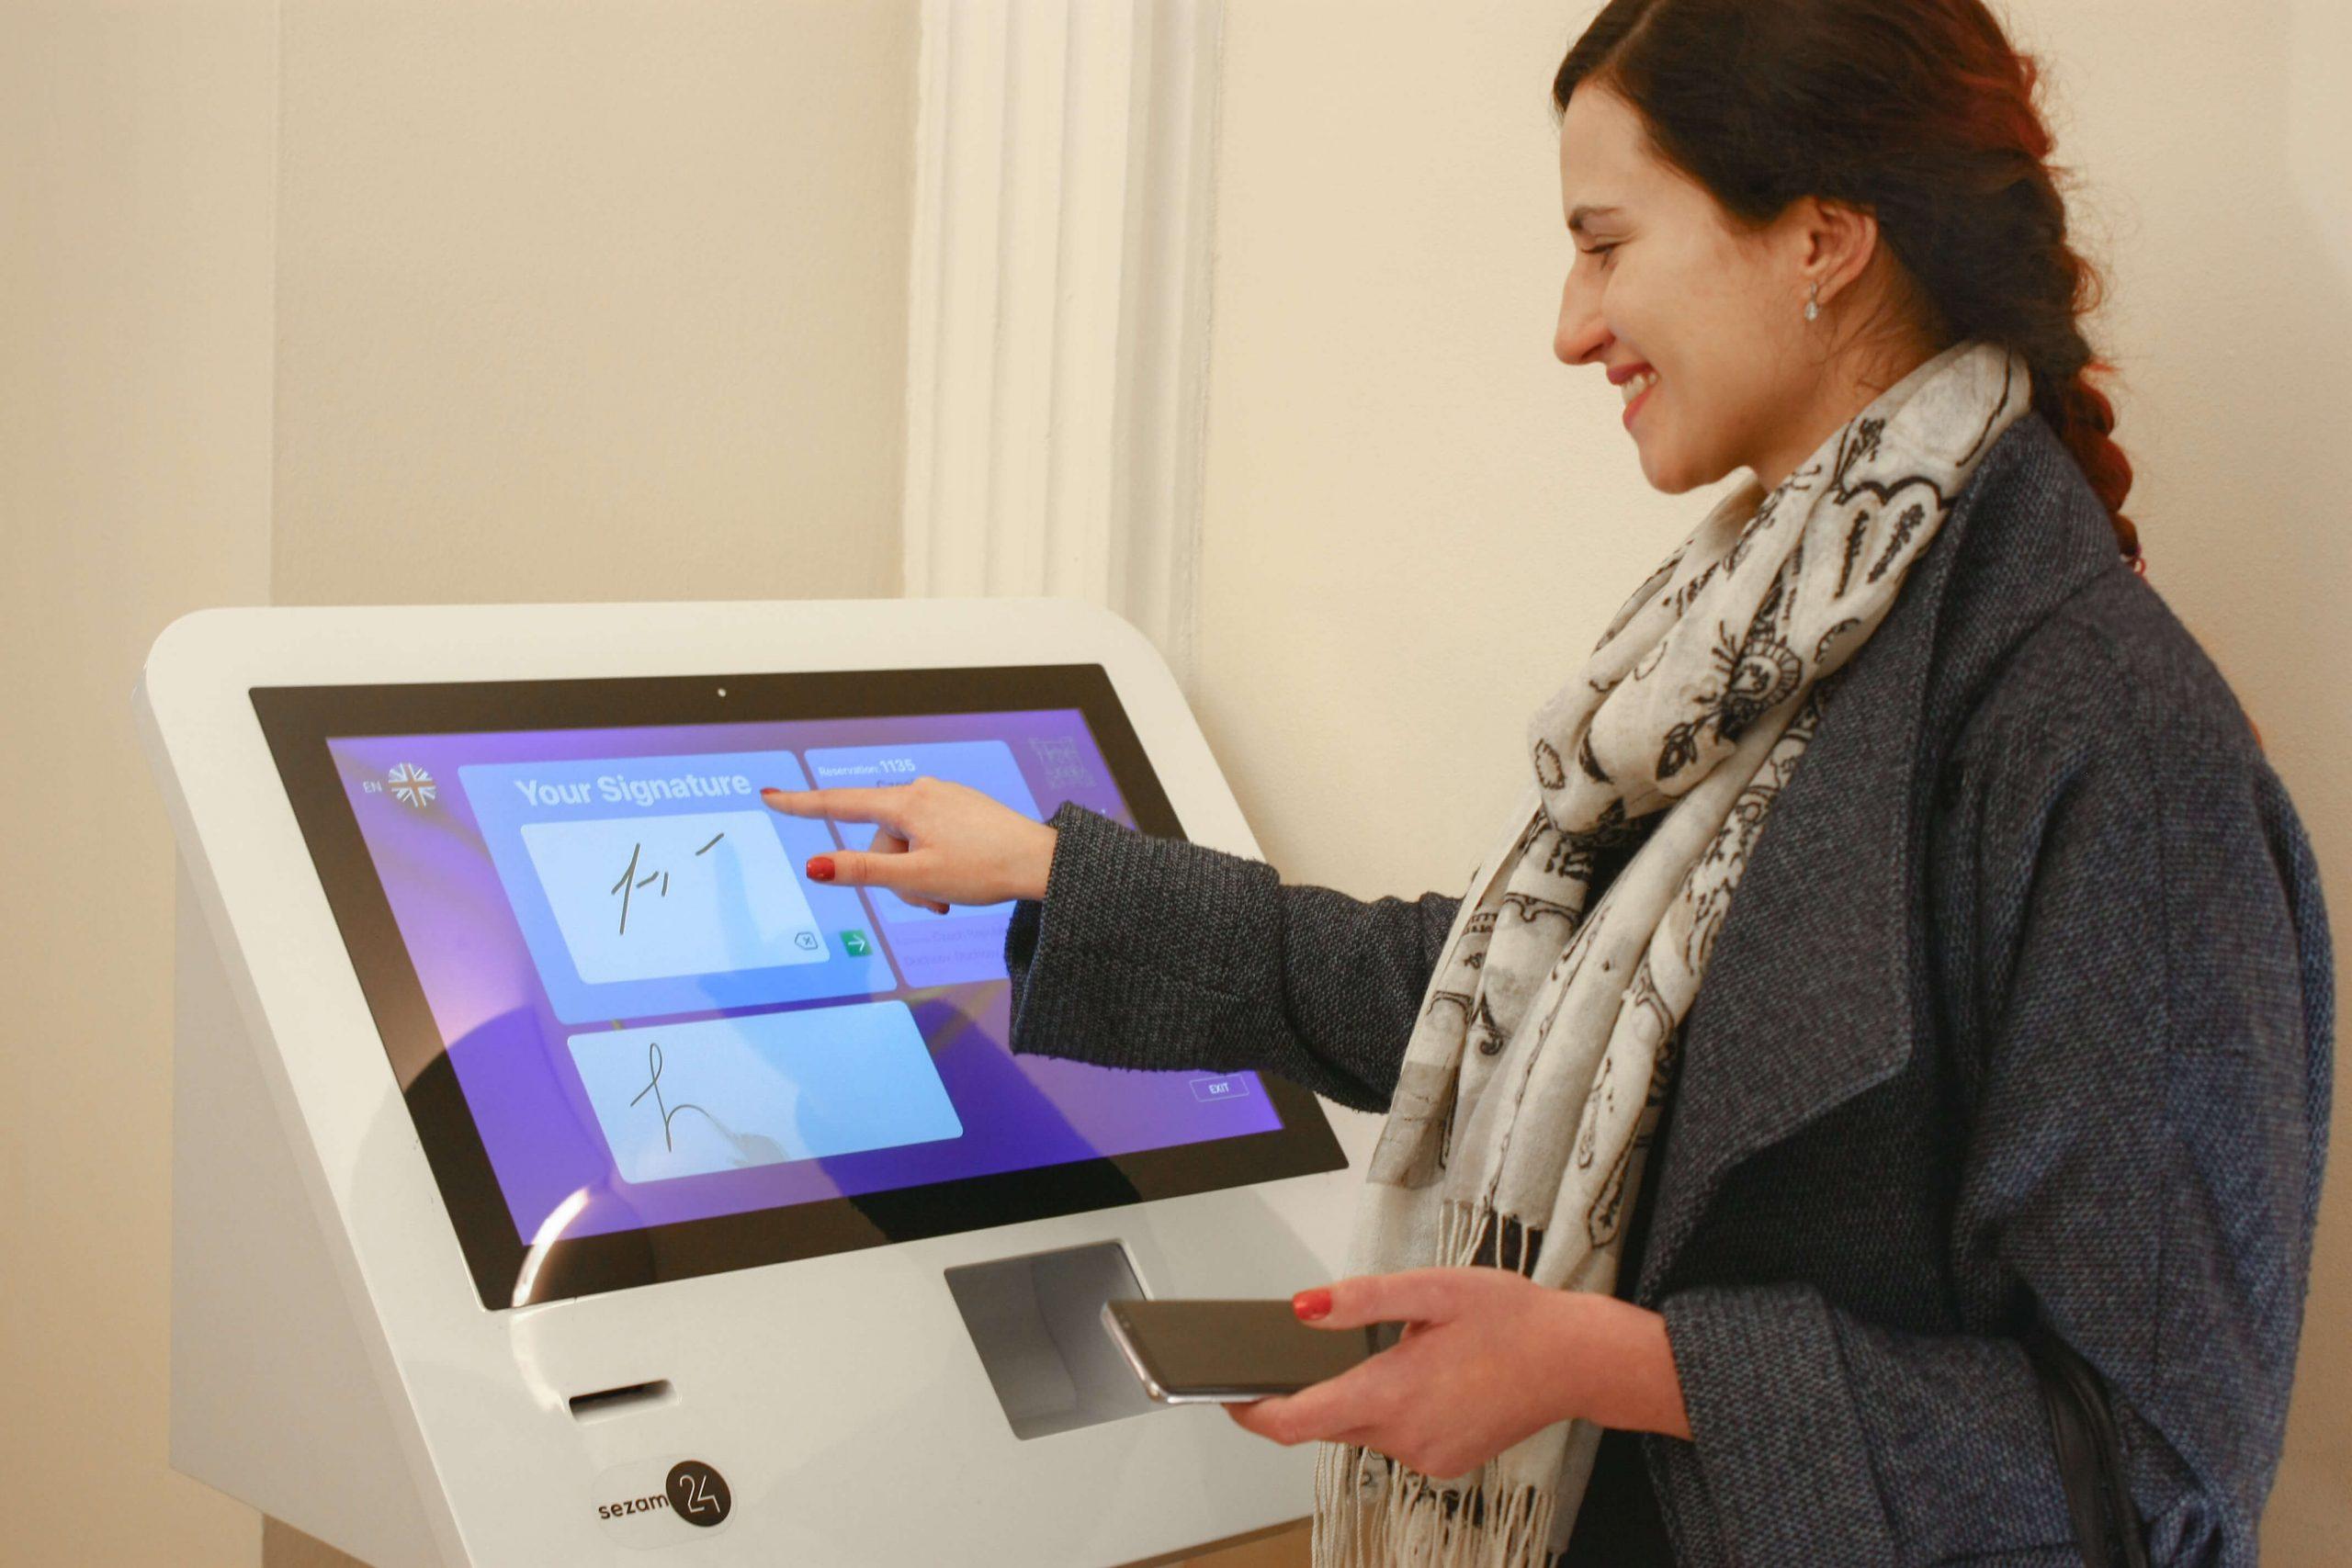 Hotel check-in kiosk